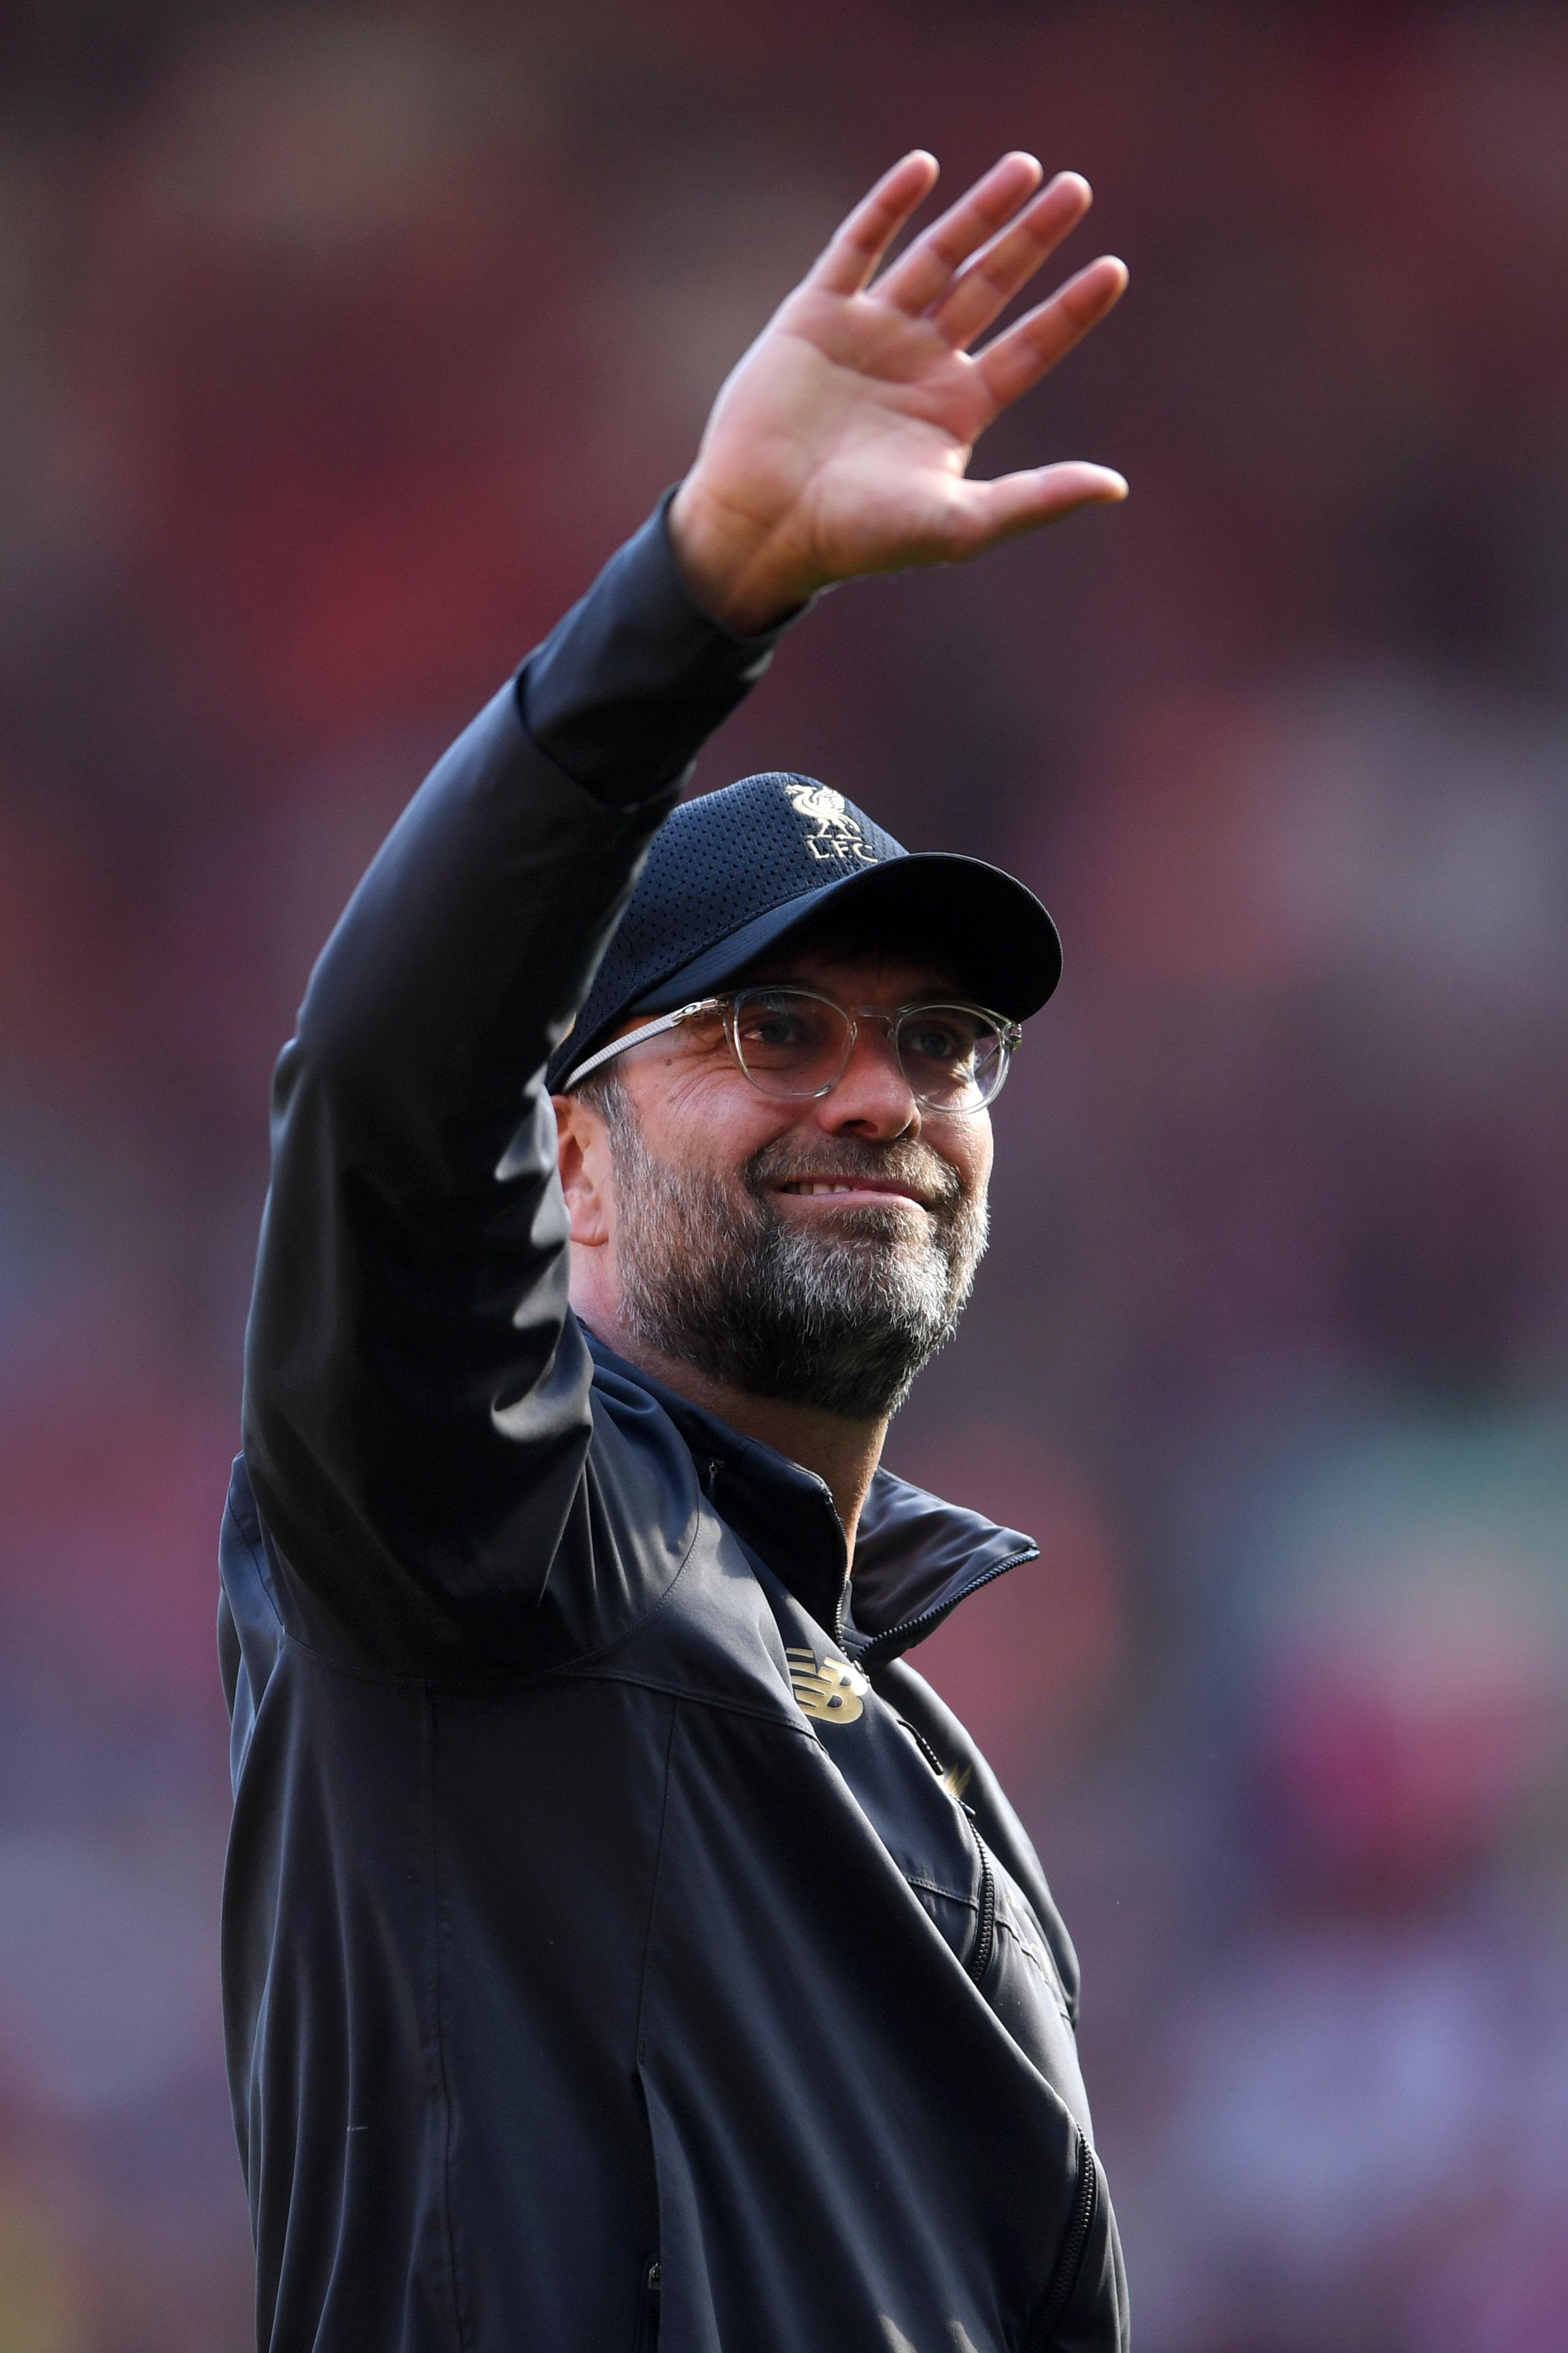 英超第38輪大結局 曼城衛冕成功 利物浦97分排第2